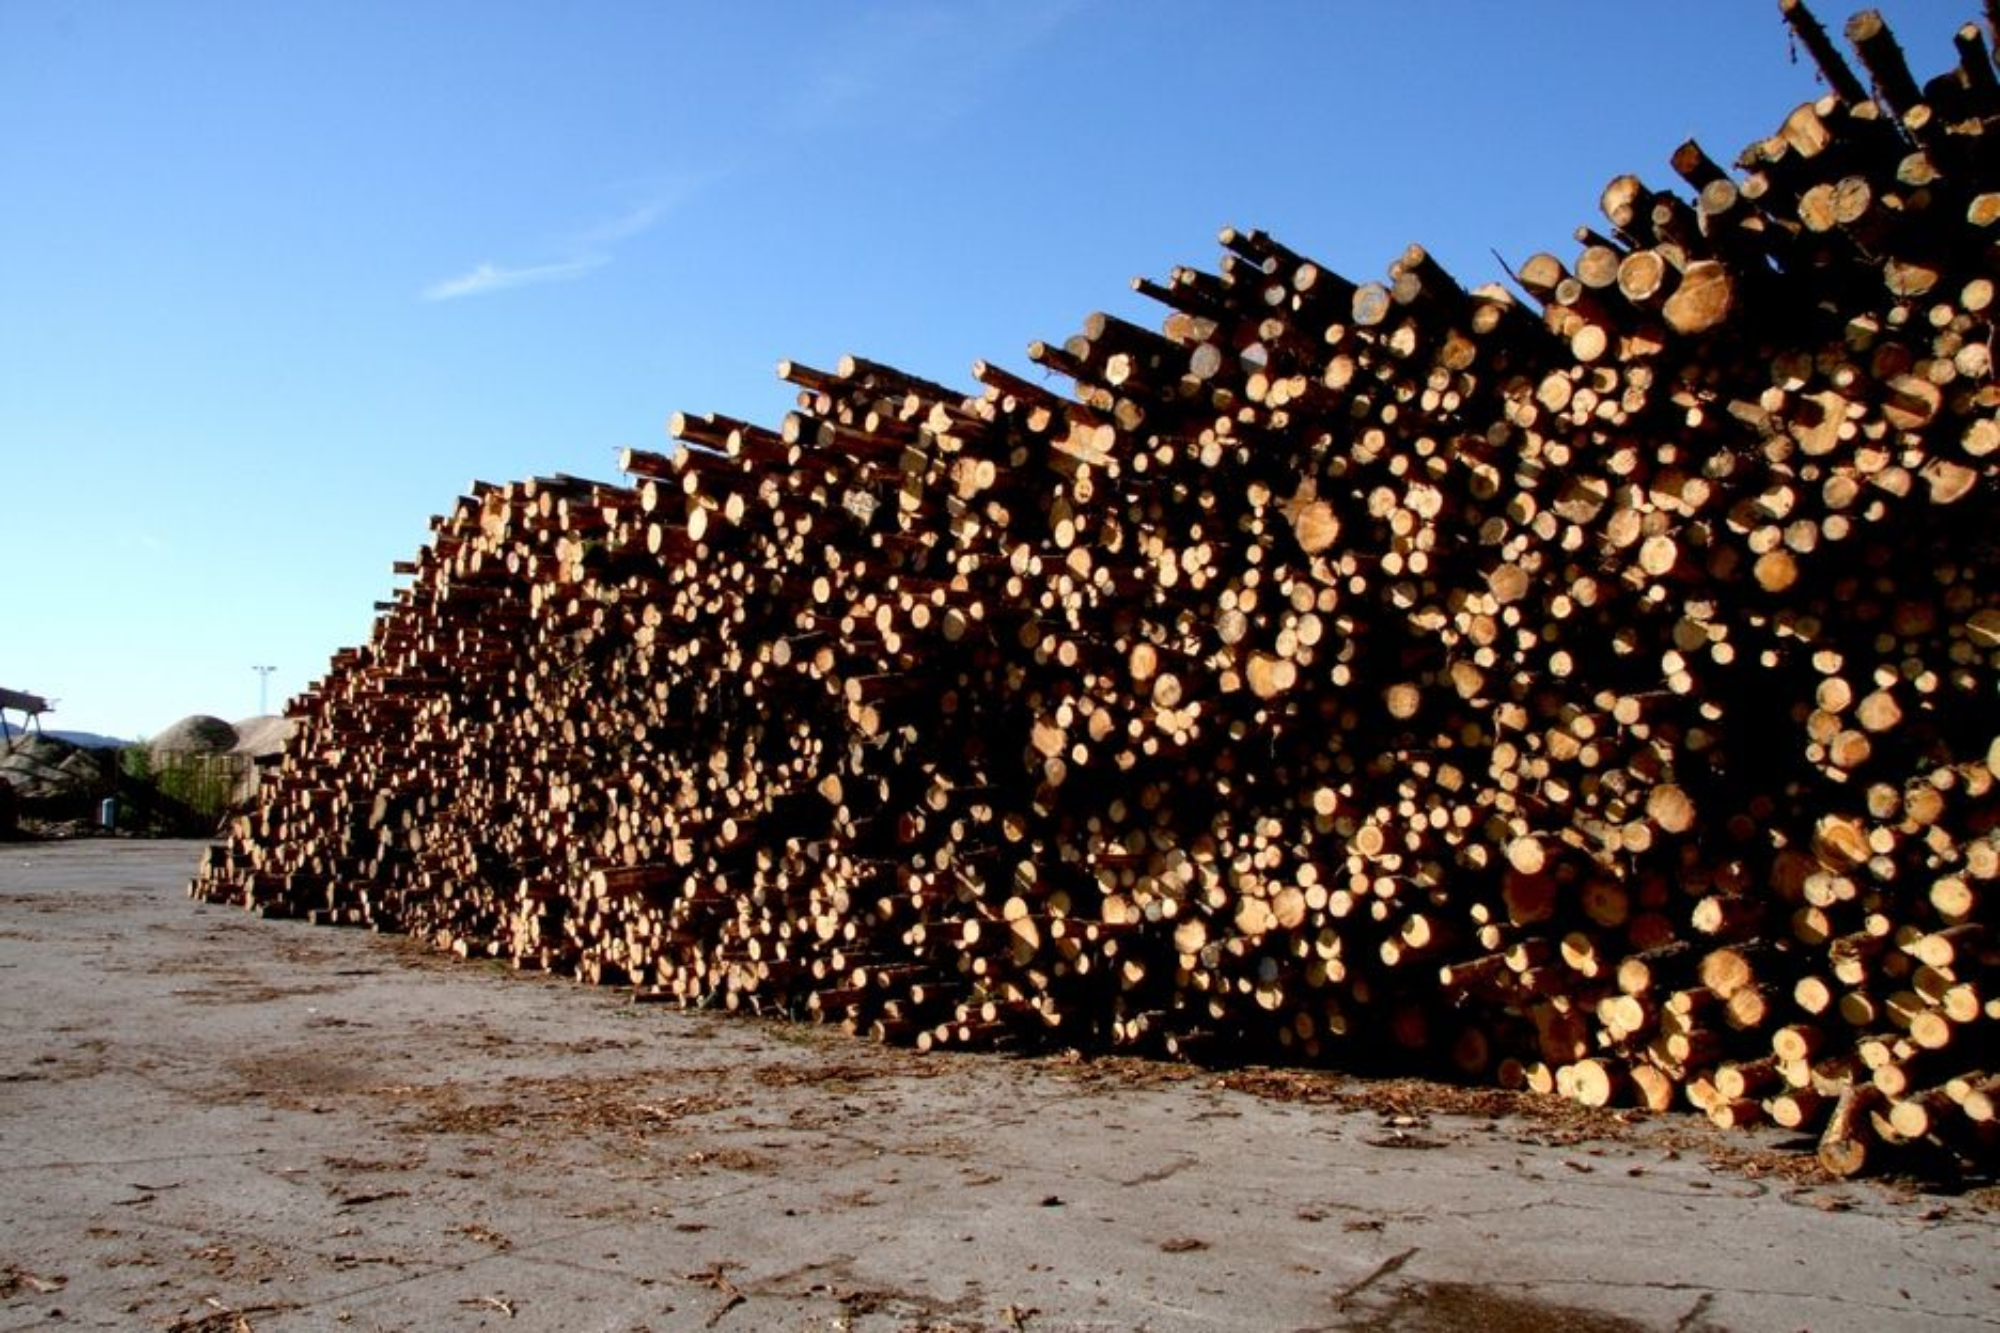 GIR CO2-UTSLIPP: Bioenergi er ikke helt klimanøytralt. Utslipp av ett kilo CO2 fra norsk skog tilsvarer 430 gram CO2 fra fossil energi i et hundreårsperspektiv og 80 gram fossil CO2 i et femhundreårsperspektiv, viser beregninger fra NTNU, Cicero og Universitetet i Oslo.